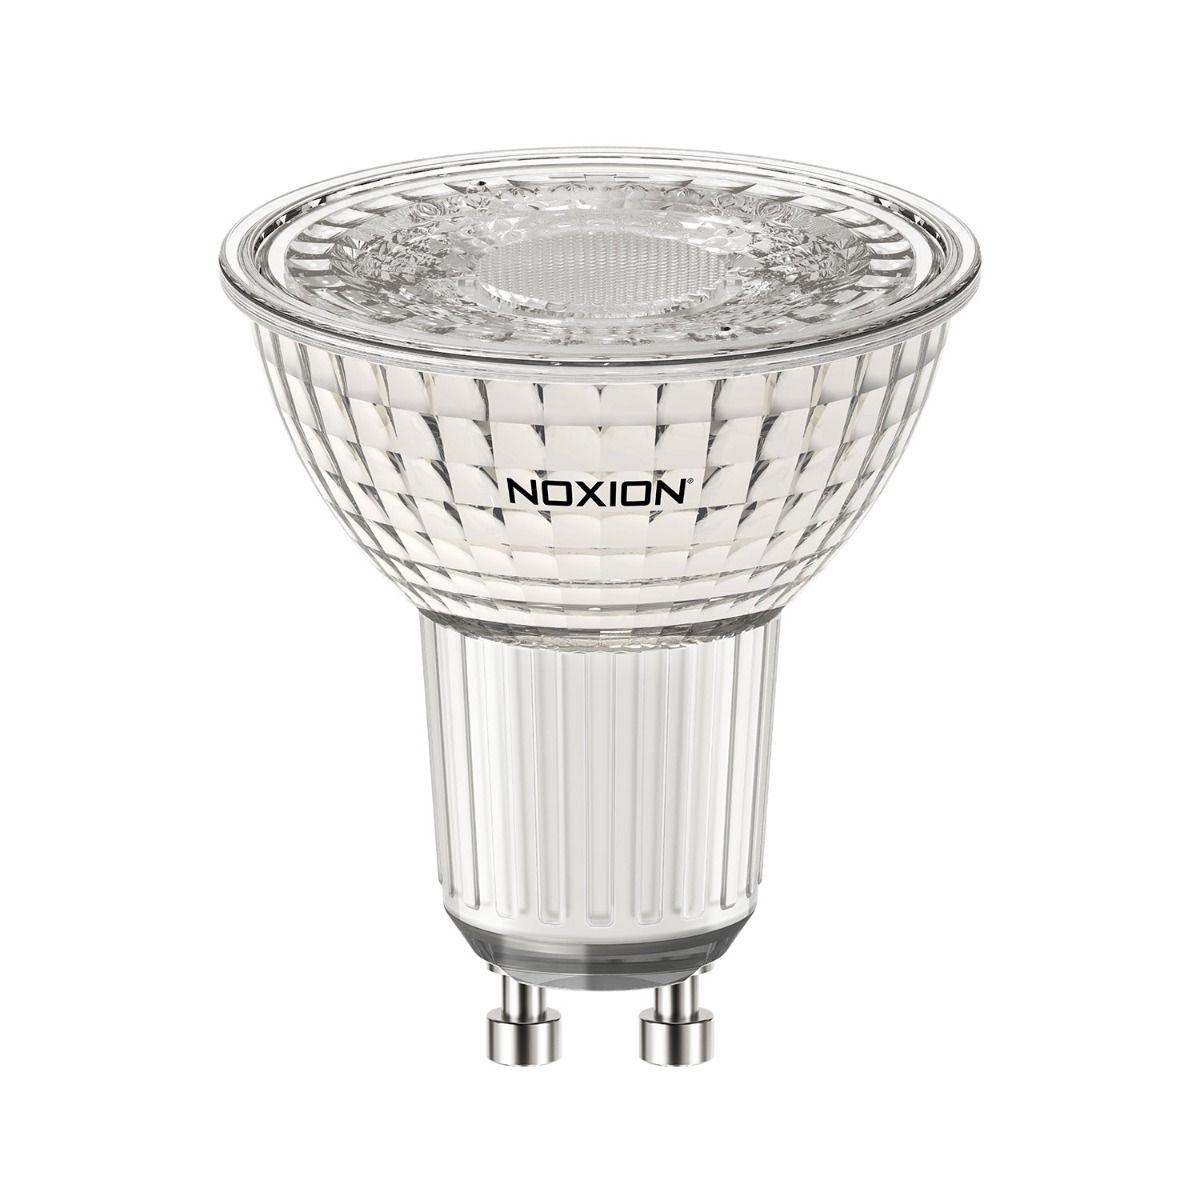 Noxion LED spot PerfectColor GU10 5.5W 930 60D 430lm | dæmpbar - varm hvid - erstatter 50W